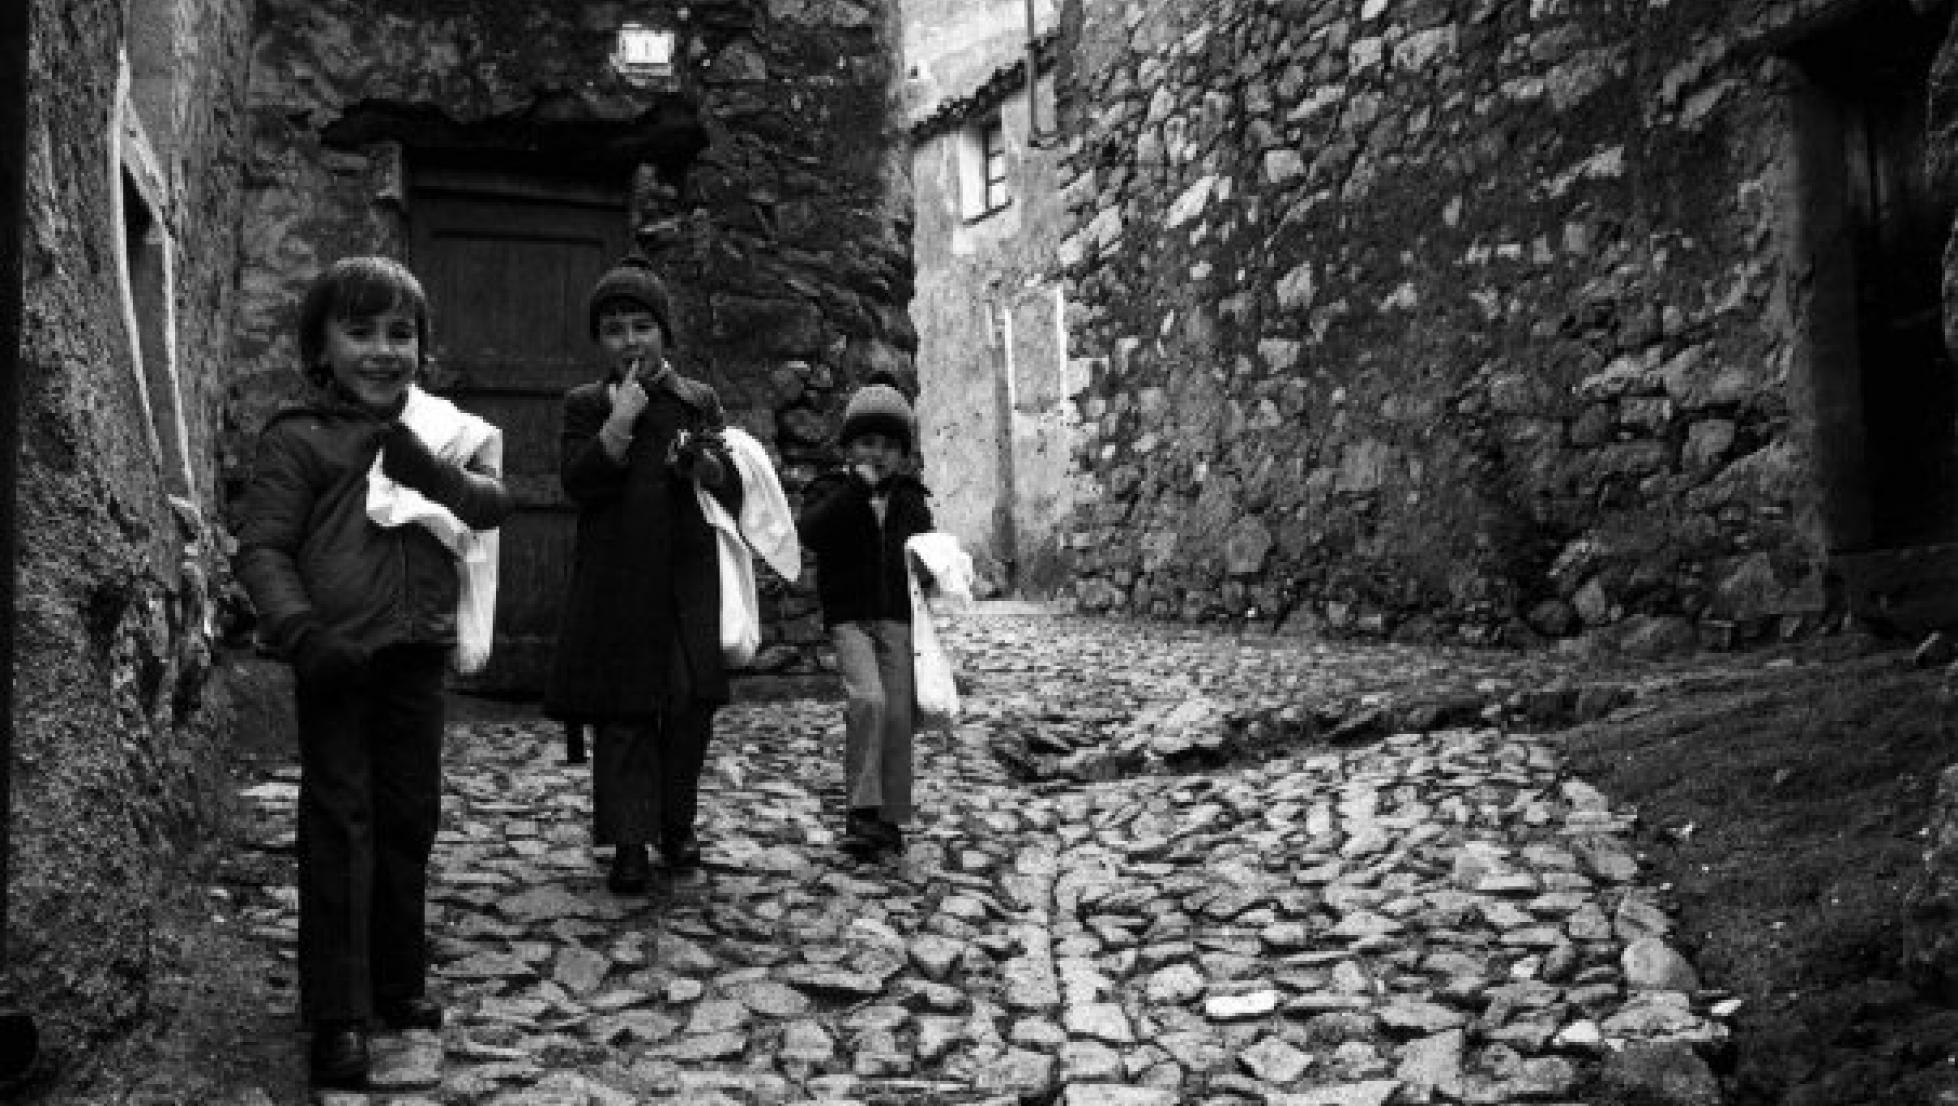 Bambini durante la festa di su mortu mortu